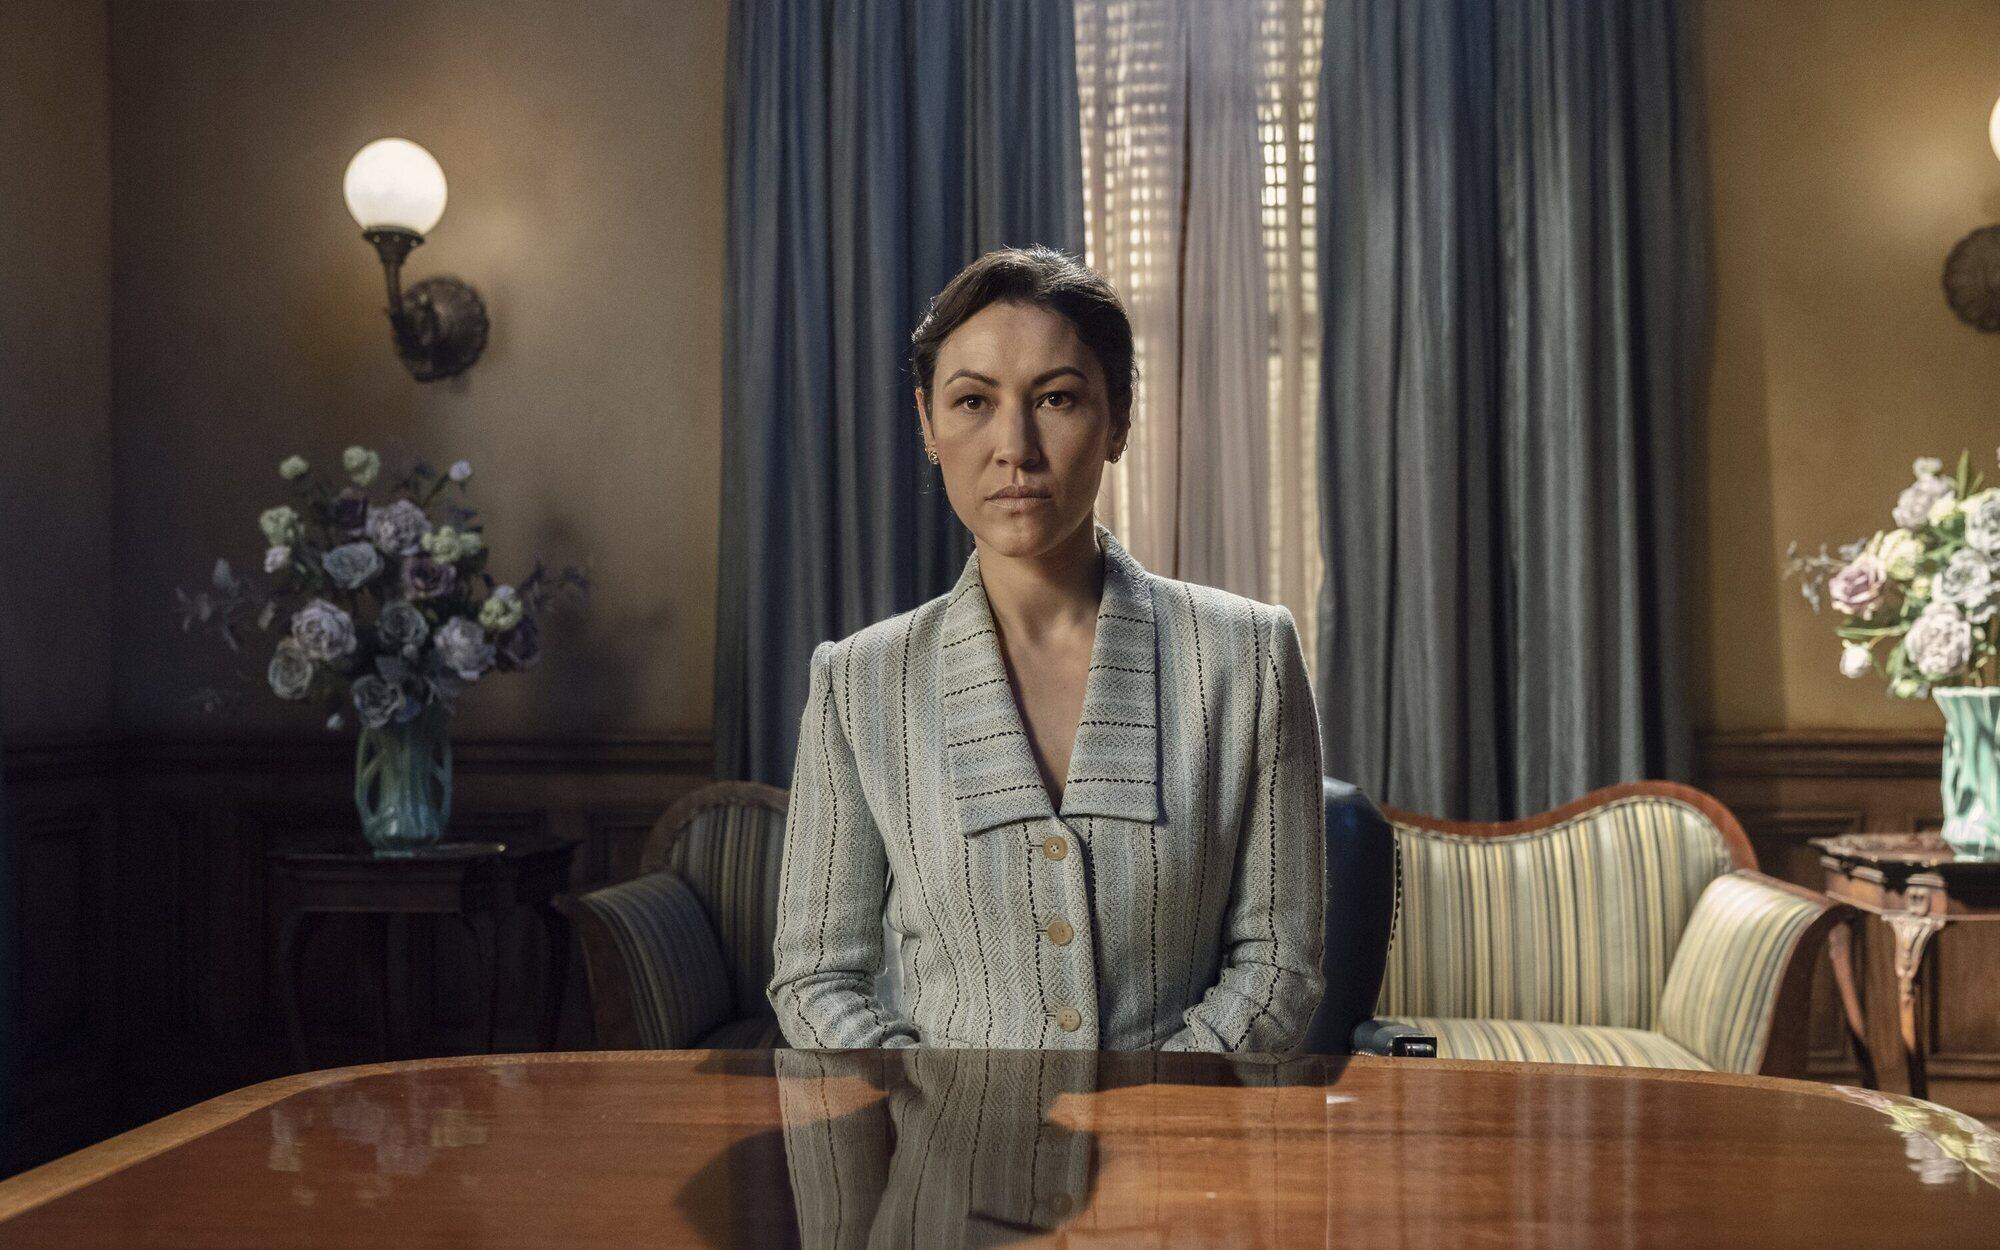 Yumiko y su traje chaqueta pantalón esperan su reunión con la presidenta de la Commonwealth